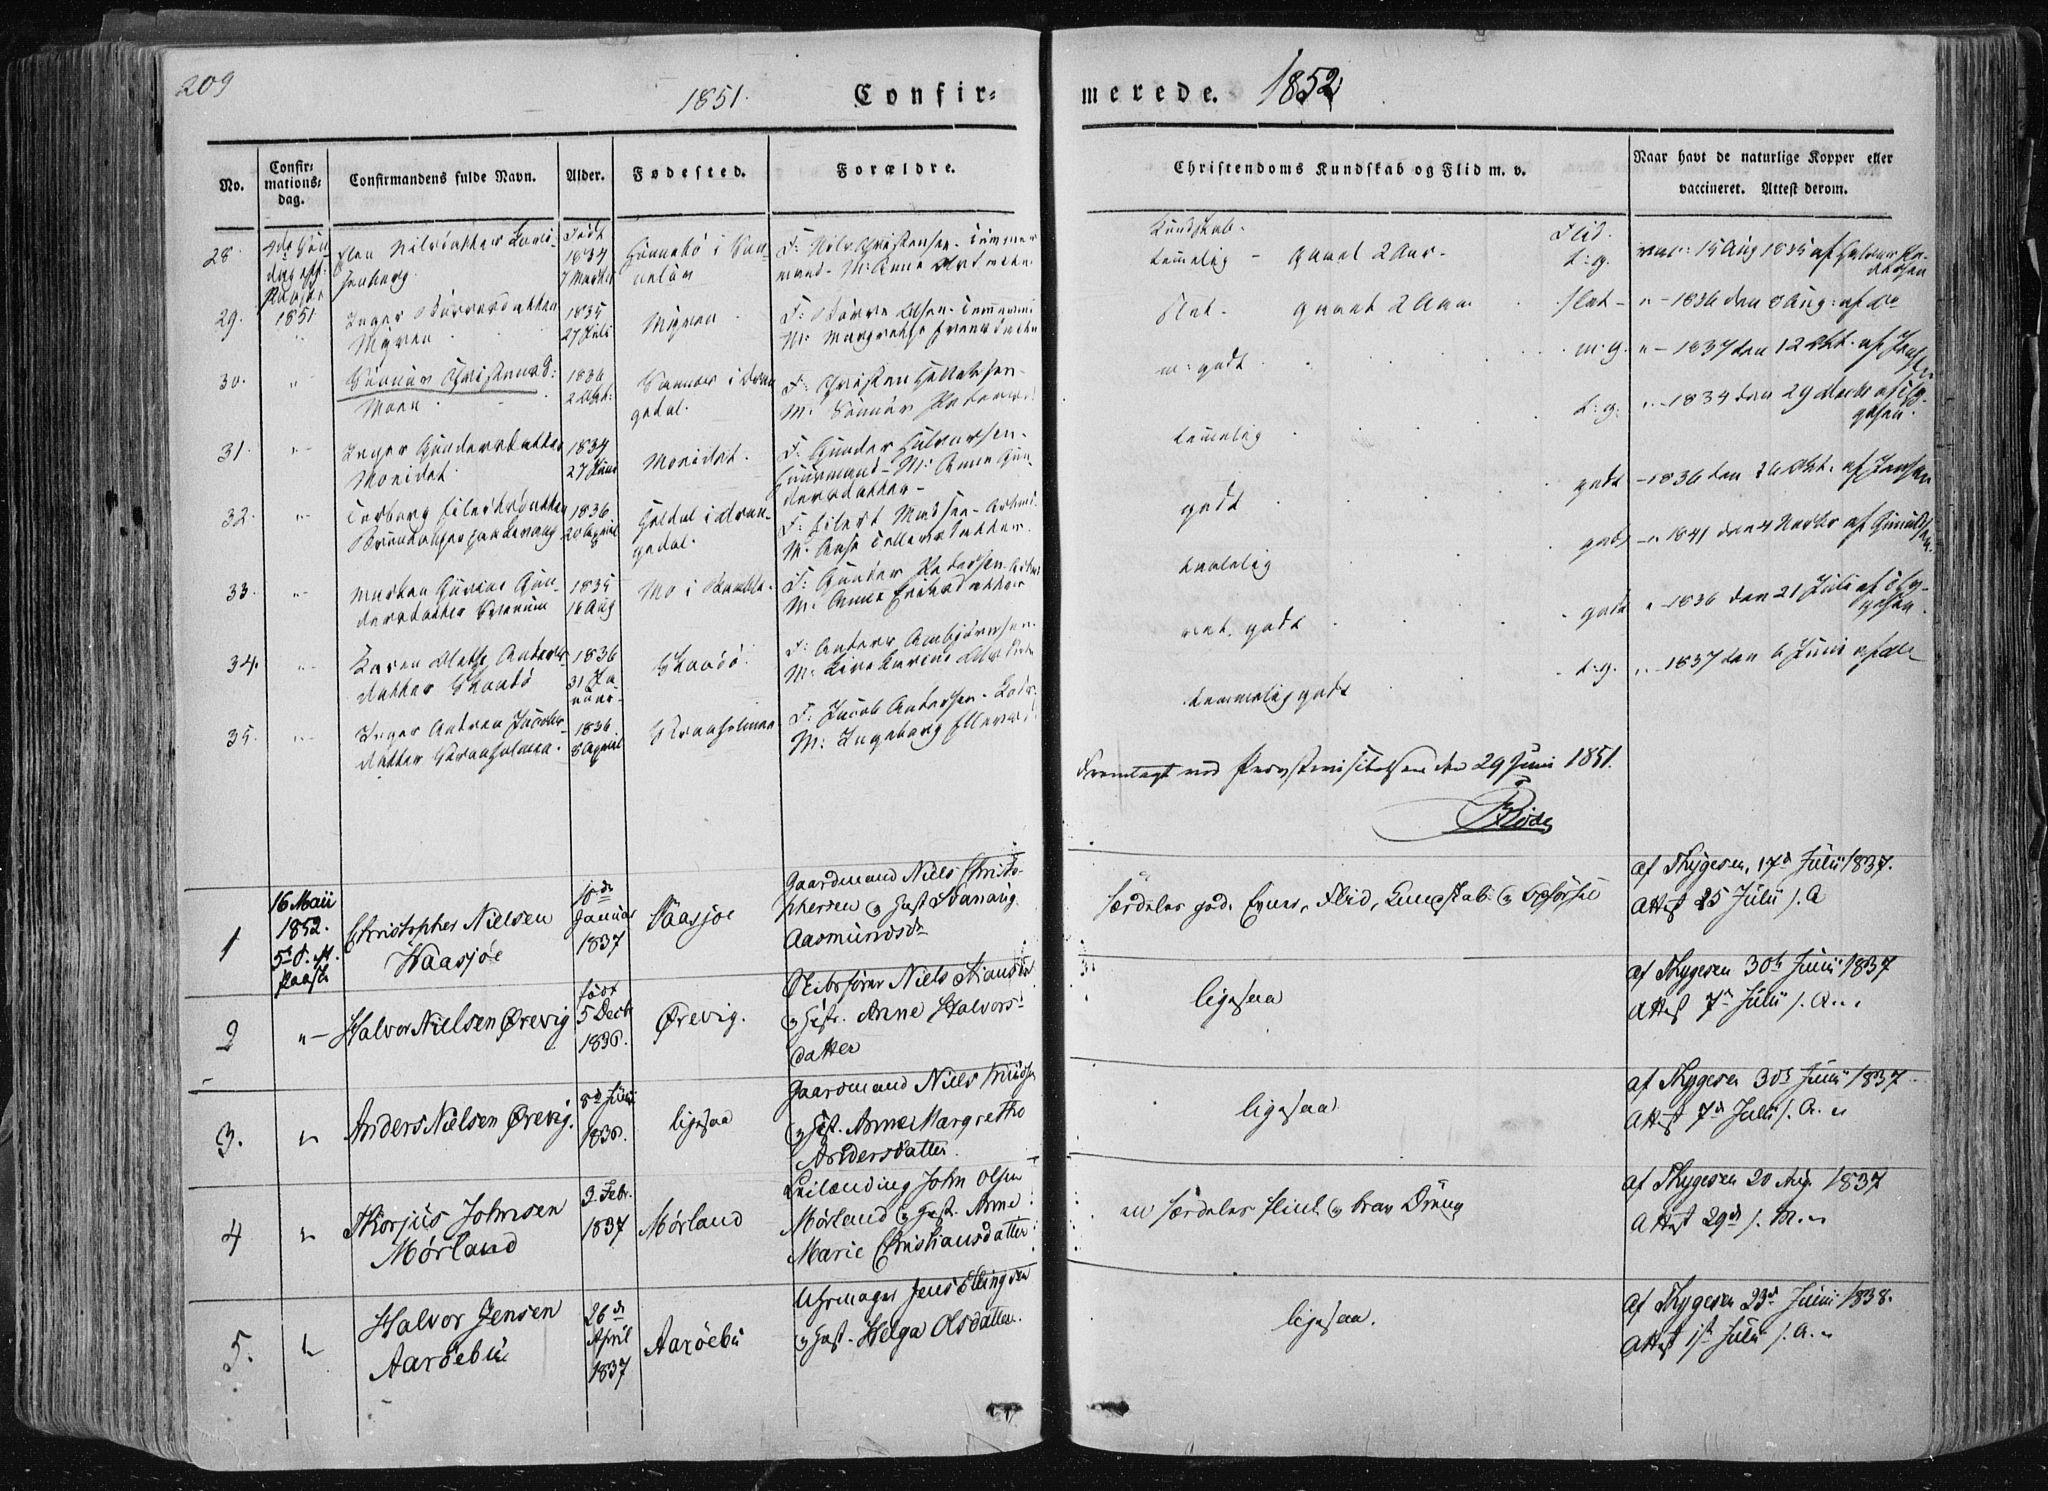 SAKO, Sannidal kirkebøker, F/Fa/L0007: Ministerialbok nr. 7, 1831-1854, s. 209